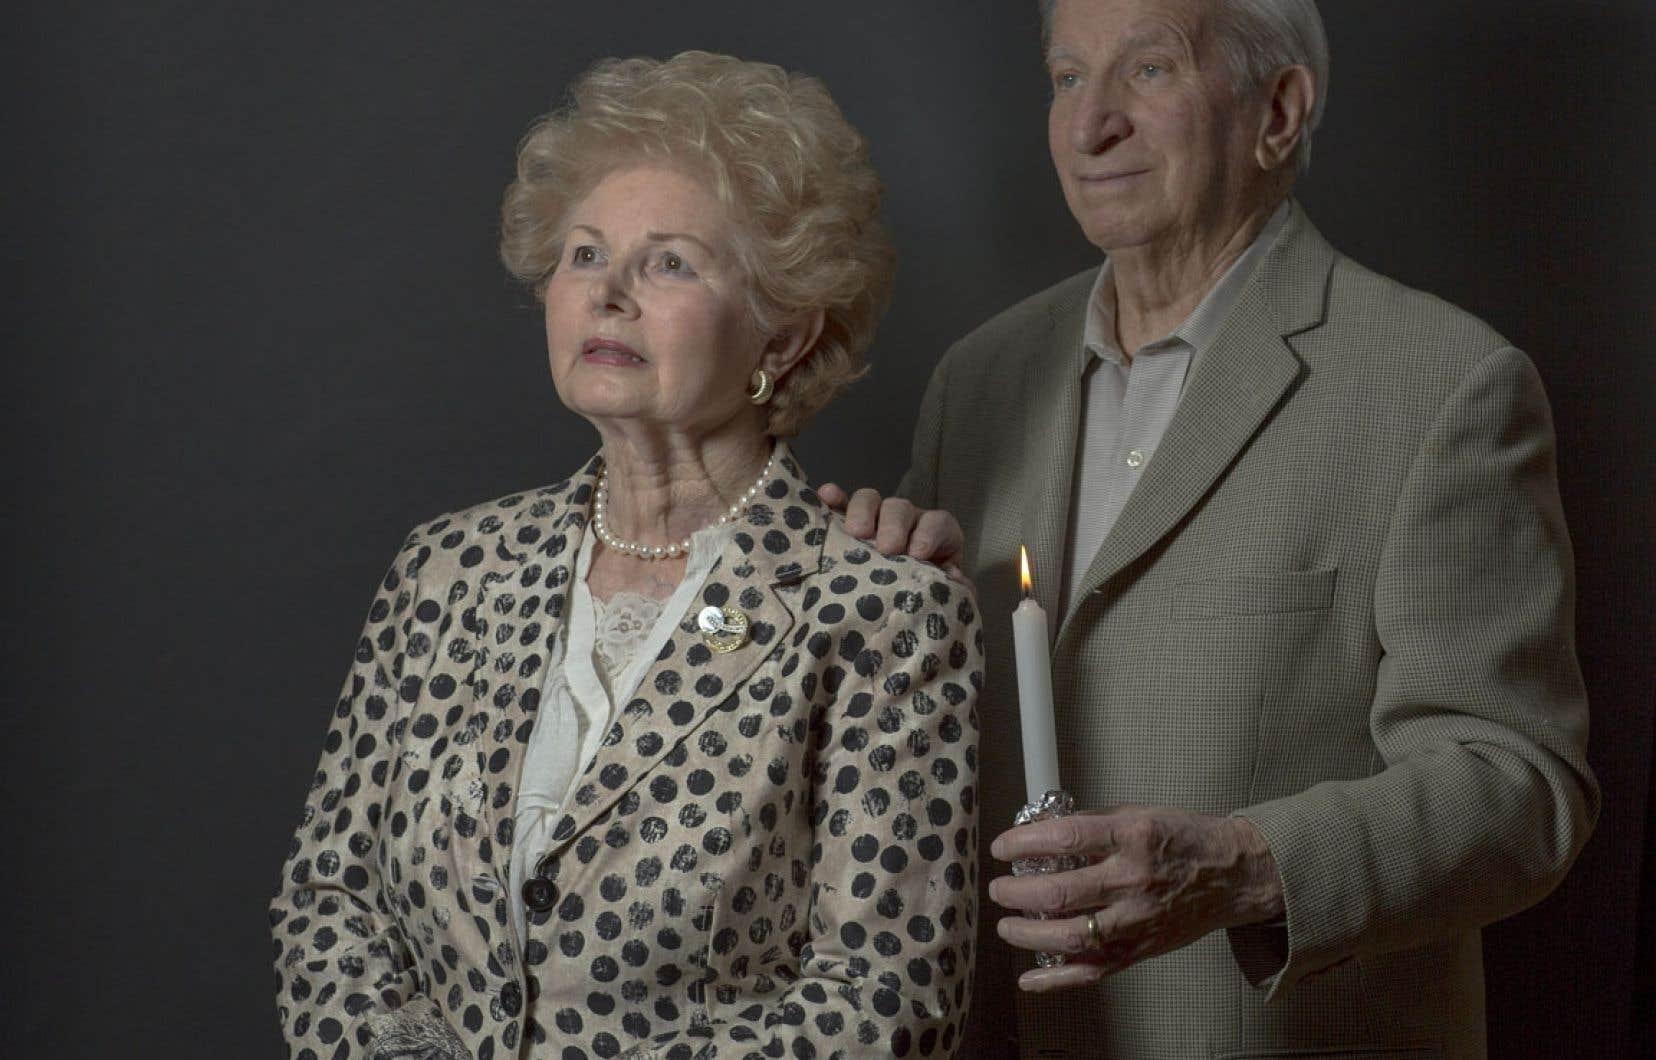 Sima Dodyck et Sam Stermer ont survécu à l'Holocauste en se terrant dans un réseau de grottes pendant près de deux ans.